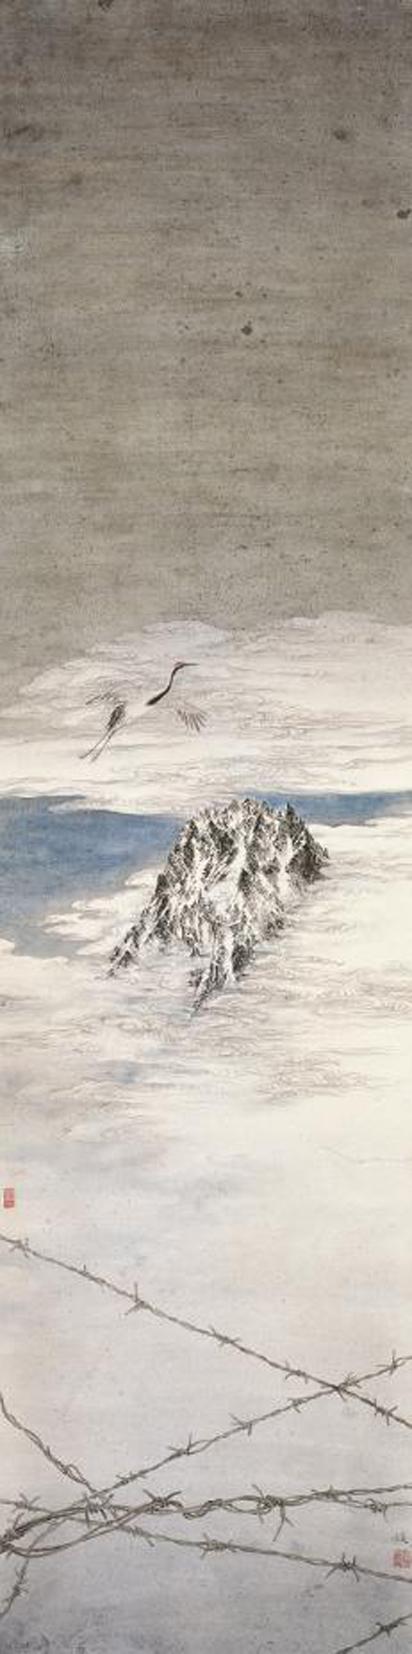 姚媛《隐遁》,132×33cm,中国画,2010